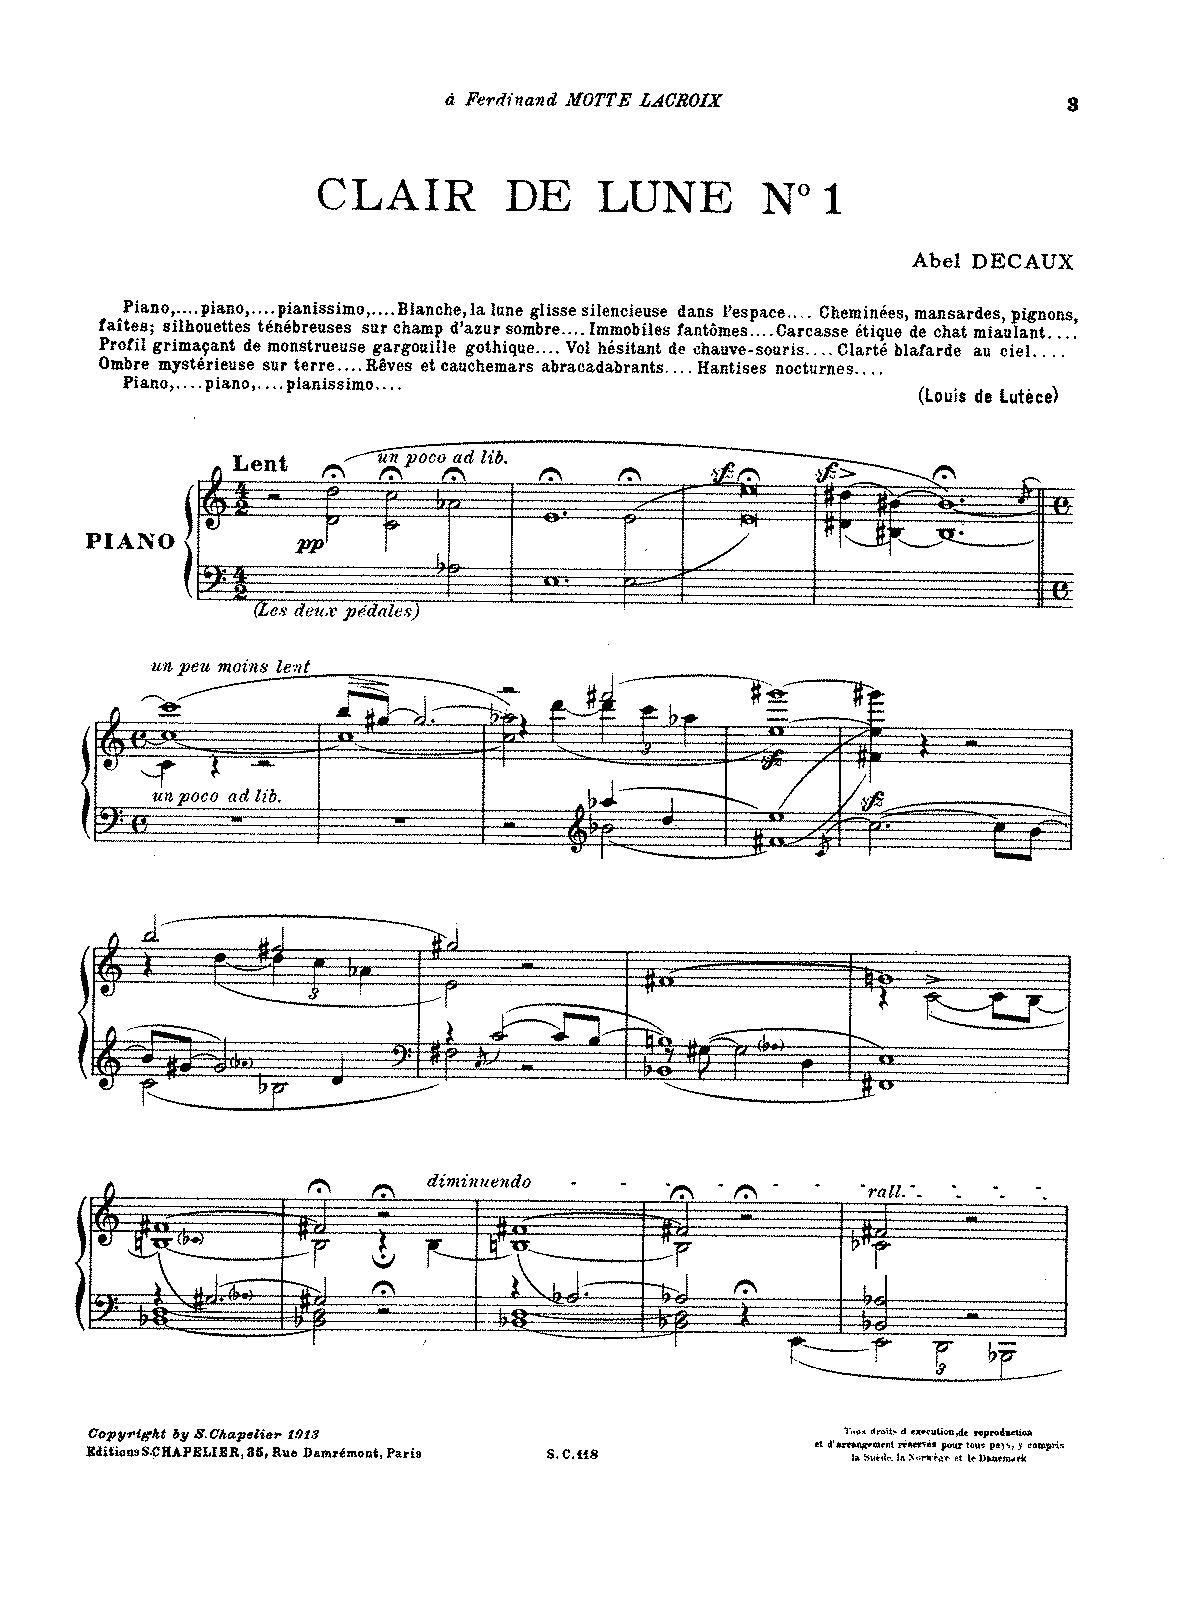 claire de lune noten pdf